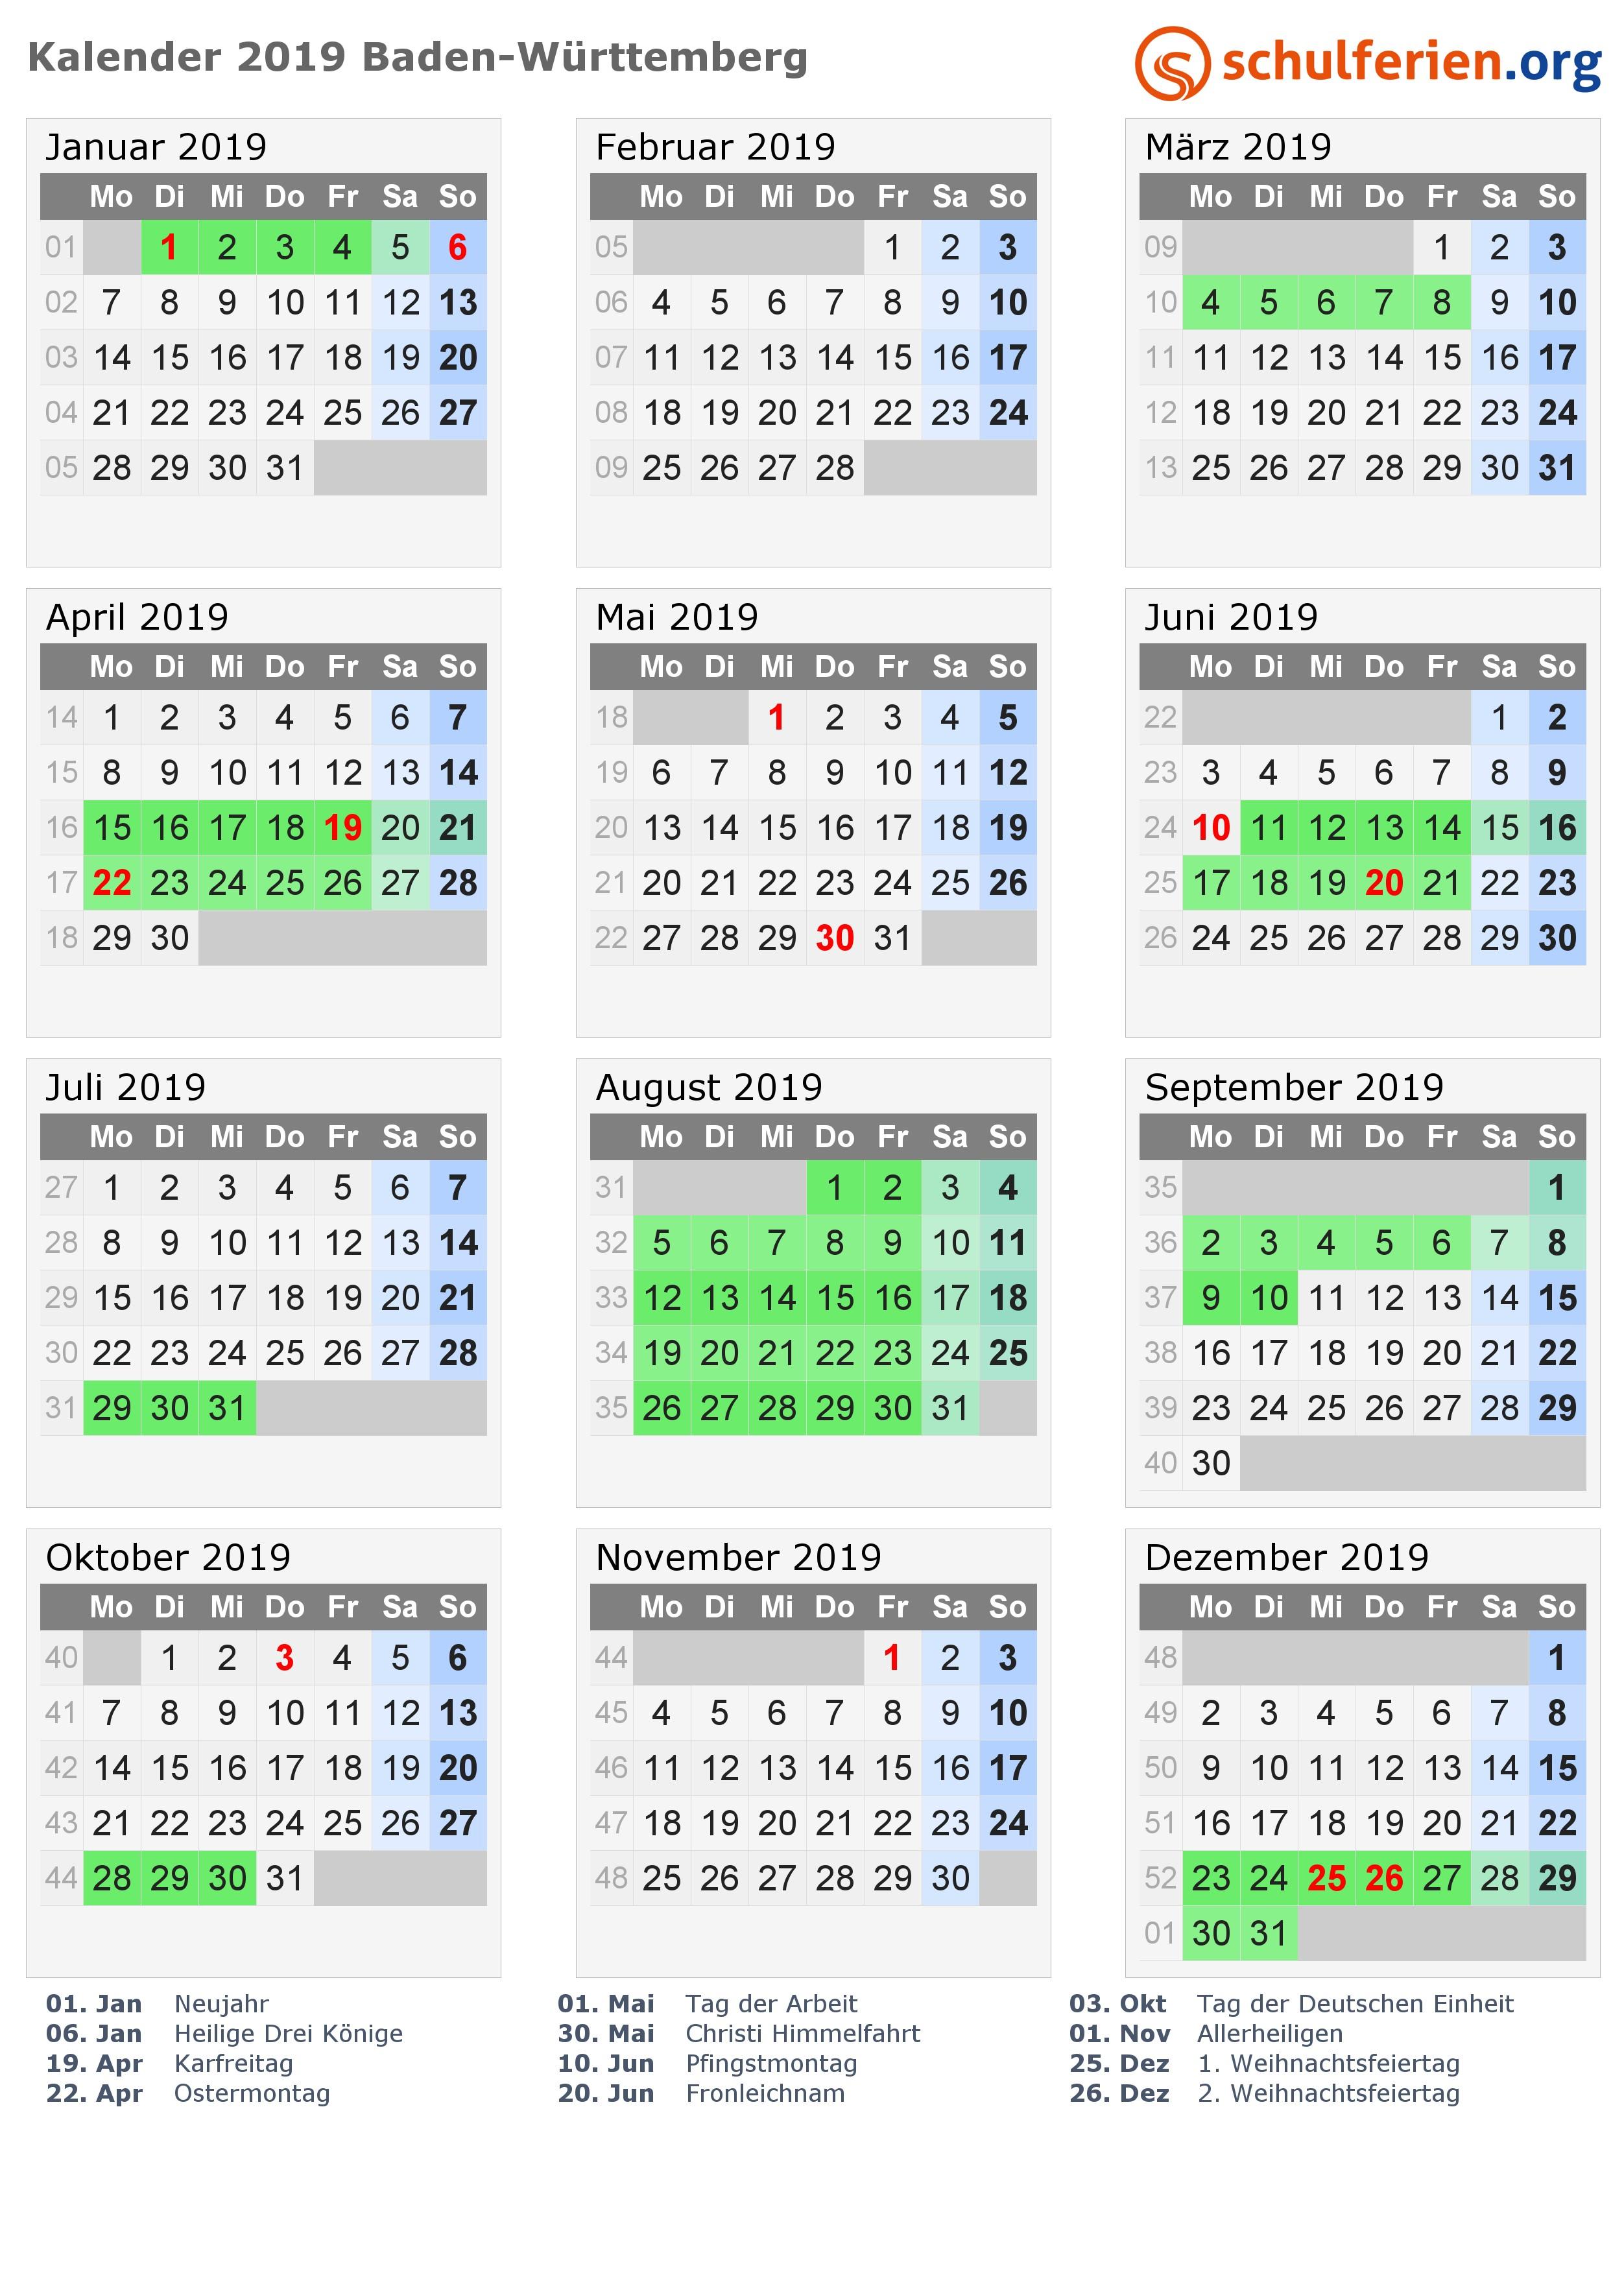 Kalender 2019 Pdf Baden Württemberg Más Recientes Kalender 2019 Ferien Baden Württemberg Feiertage Of Kalender 2019 Pdf Baden Württemberg Actual Kalender 2019 Nrw Ausdrucken Ferien Feiertage Excel